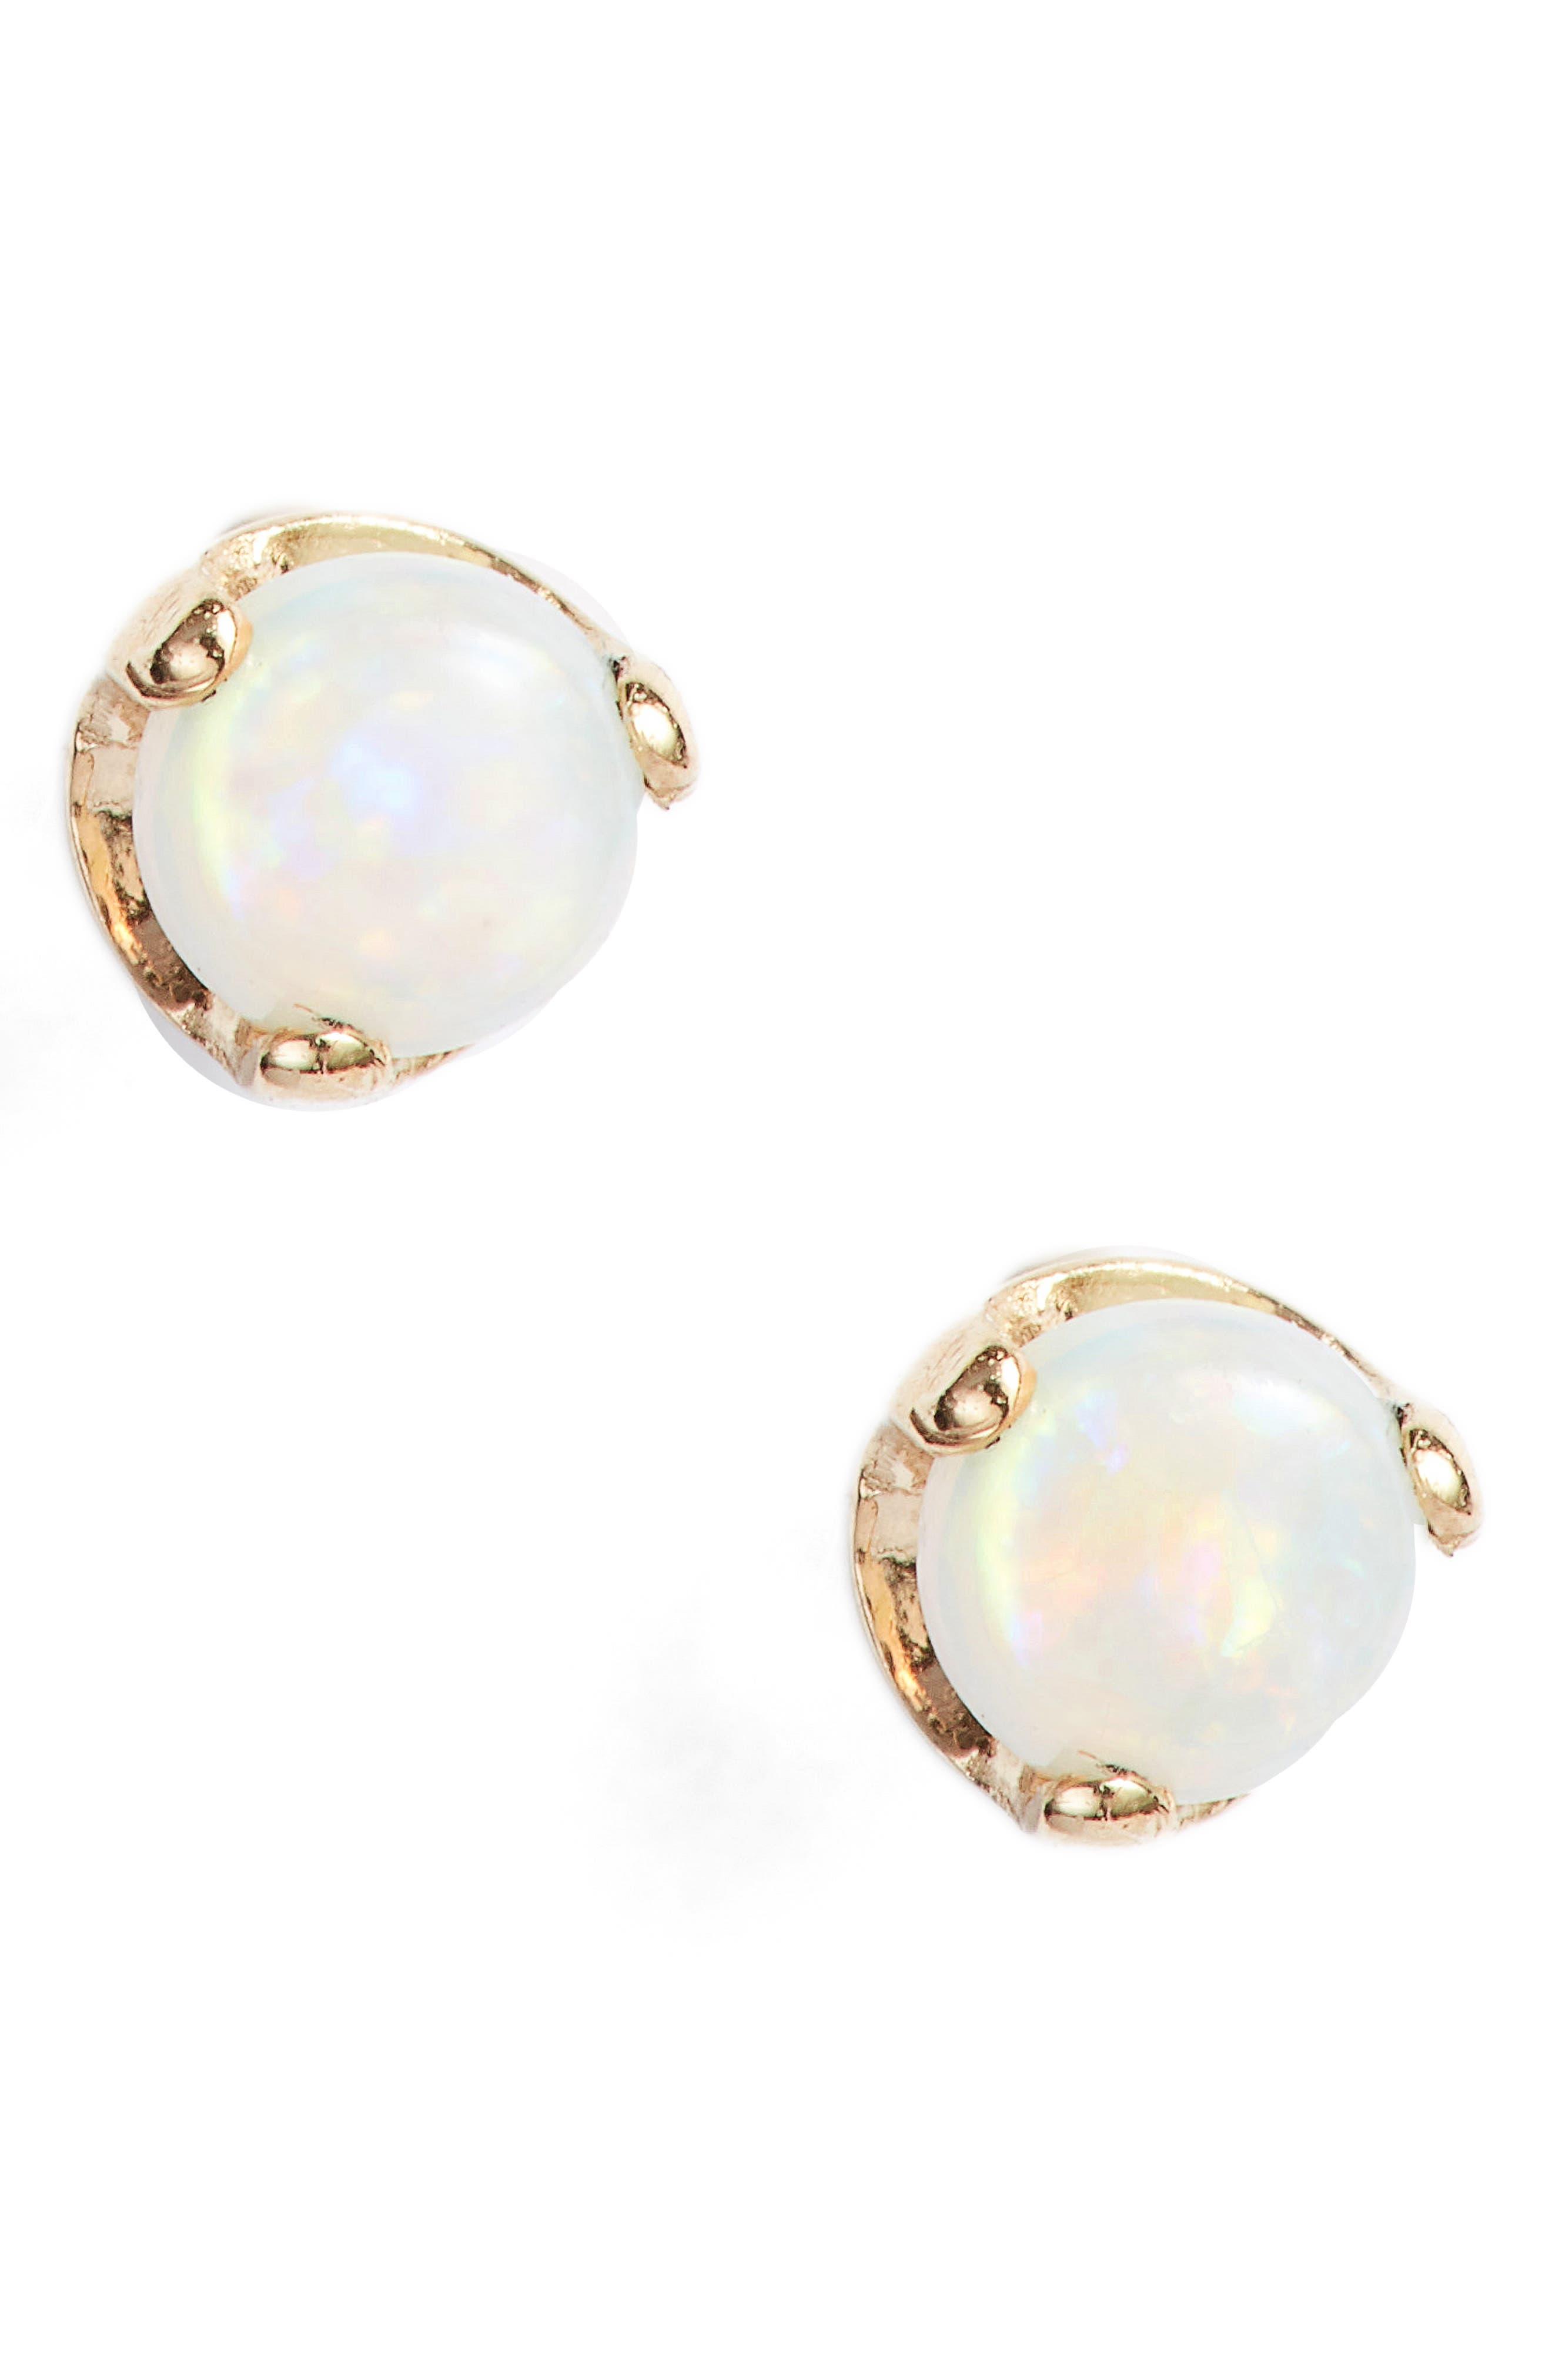 Zoë Chicco Opal Stud Earrings